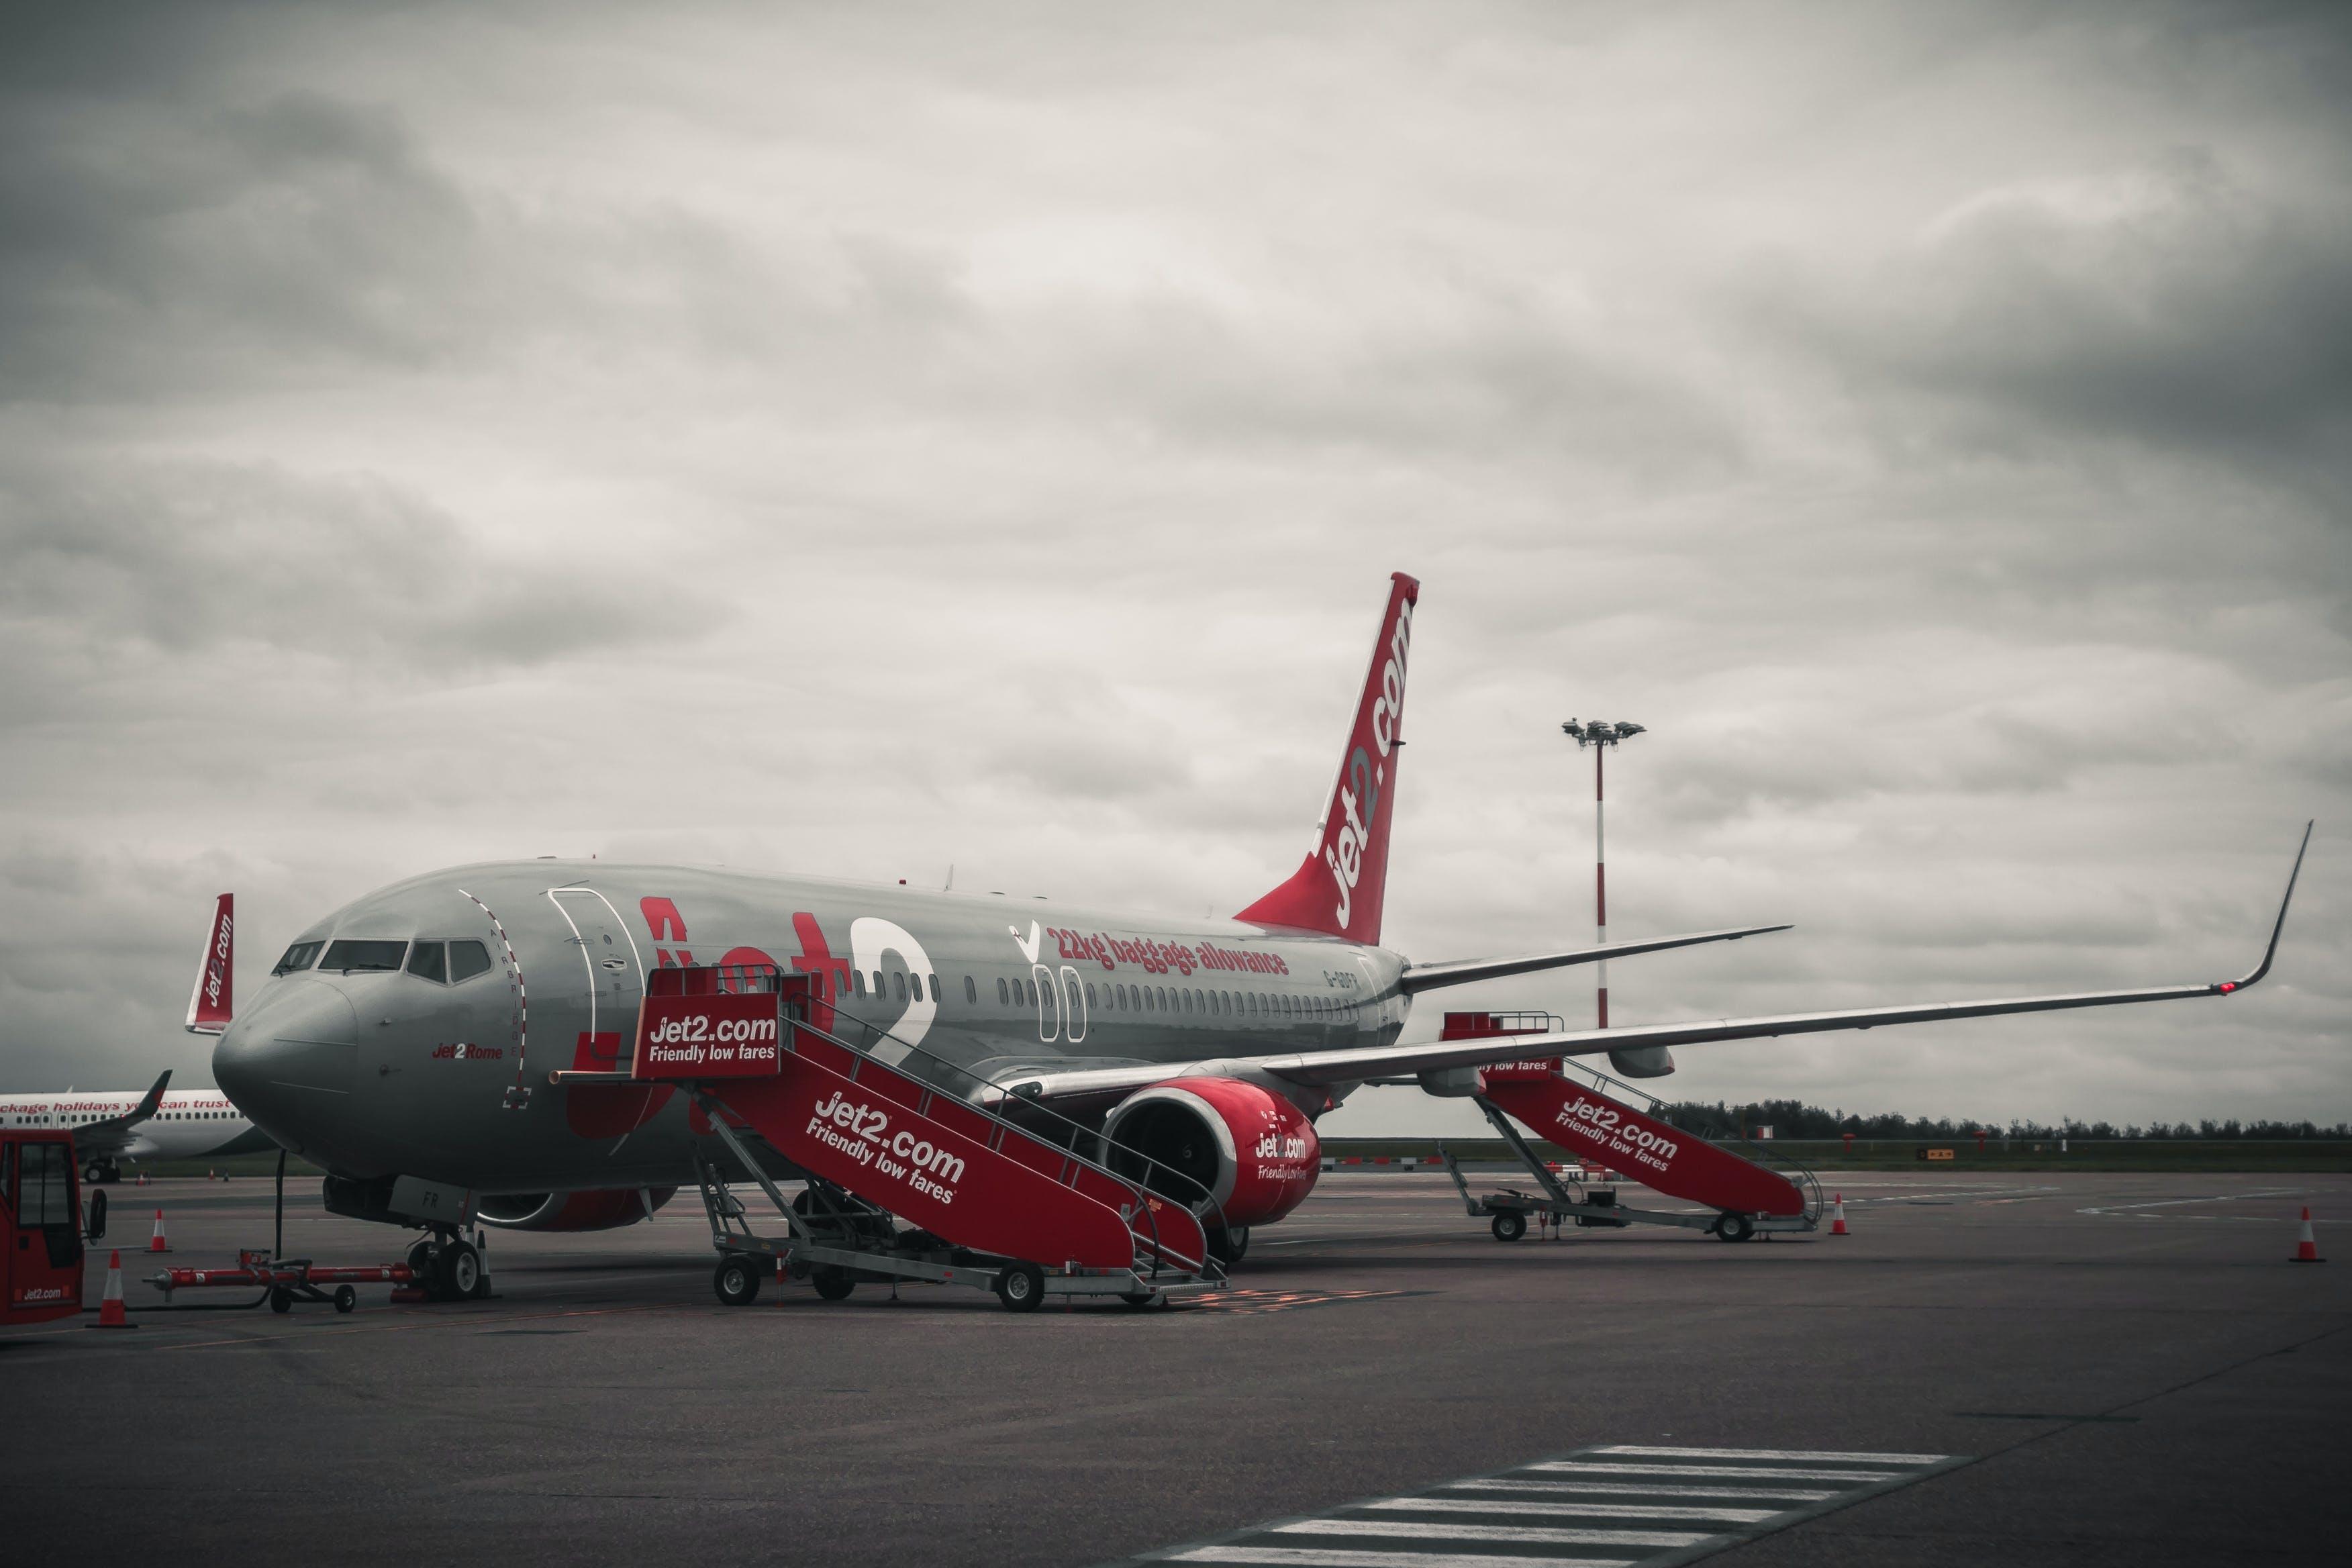 交通機関, 曇り, 空港